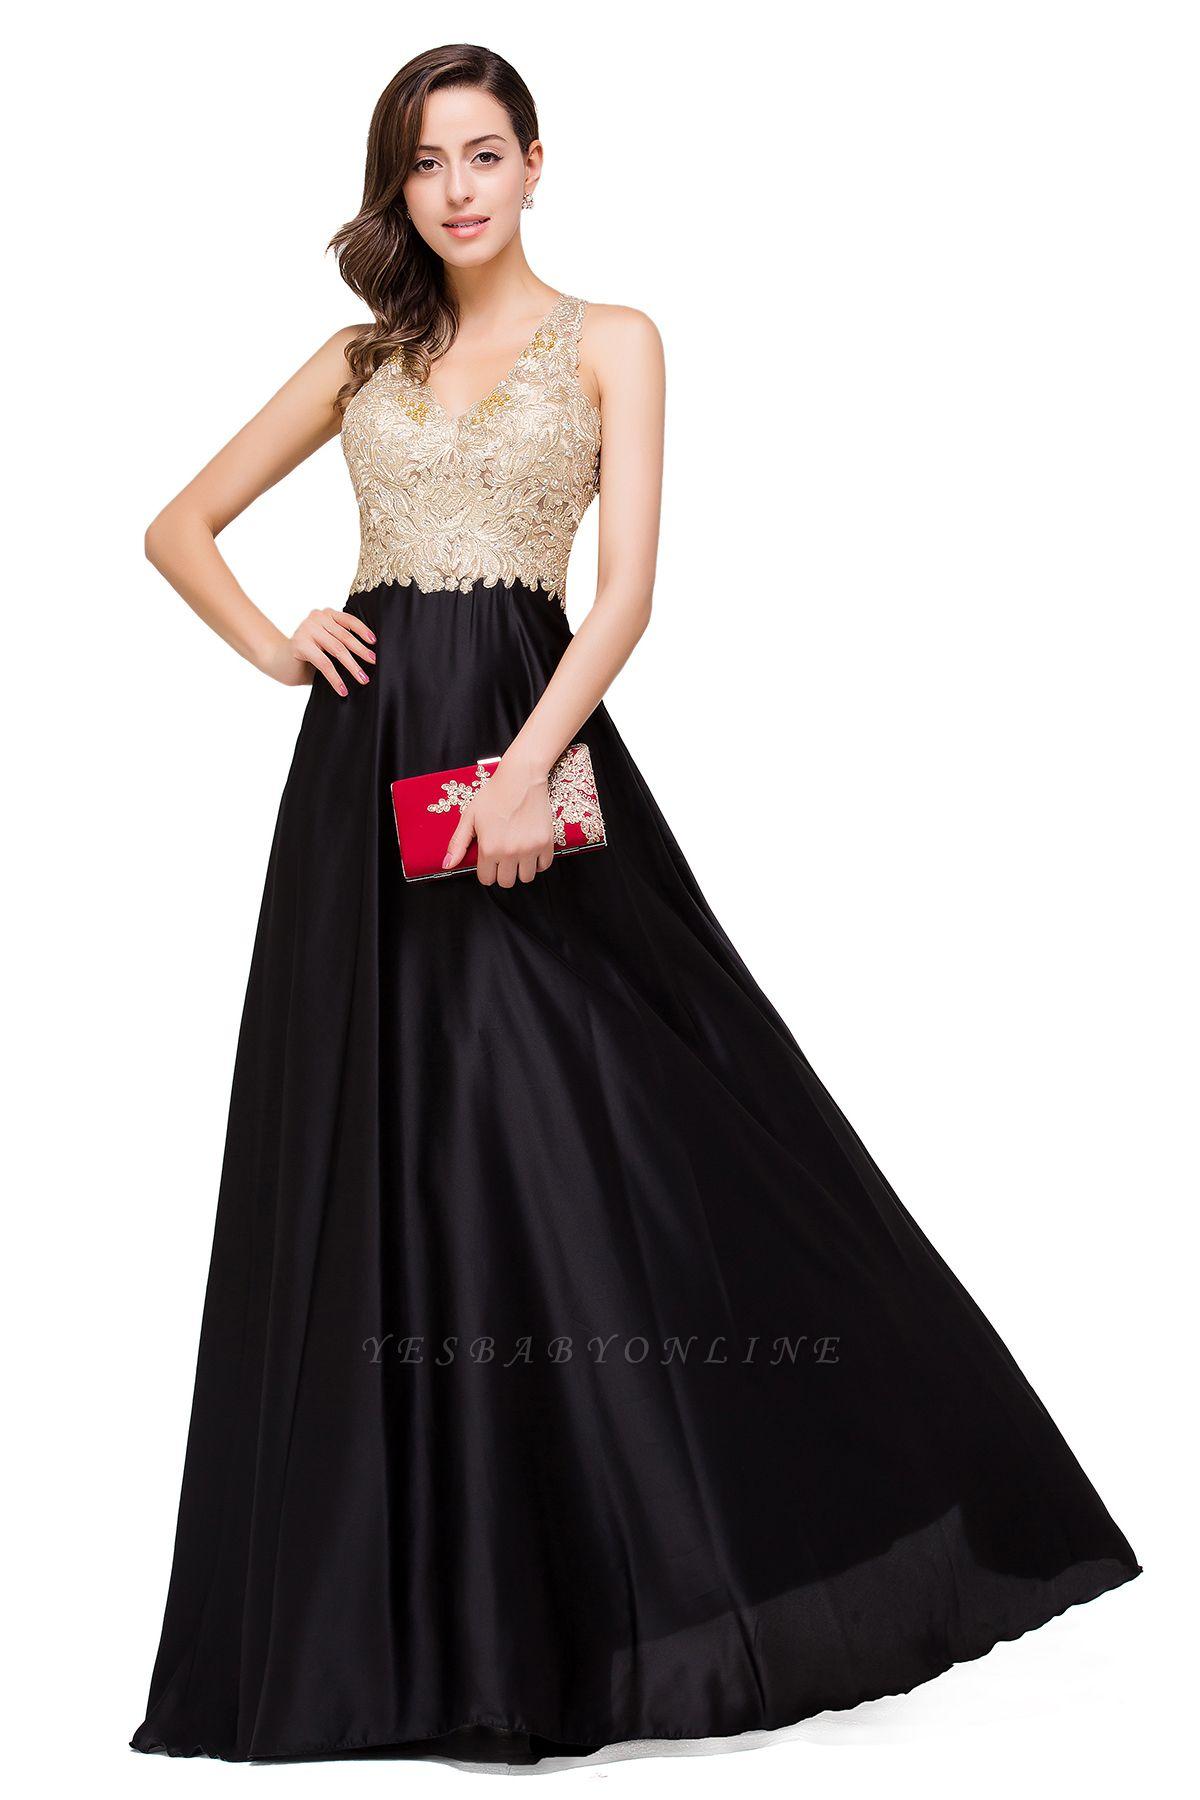 EMMALINE | A-Line Floor-Length V-neck Appliques Prom Dresses